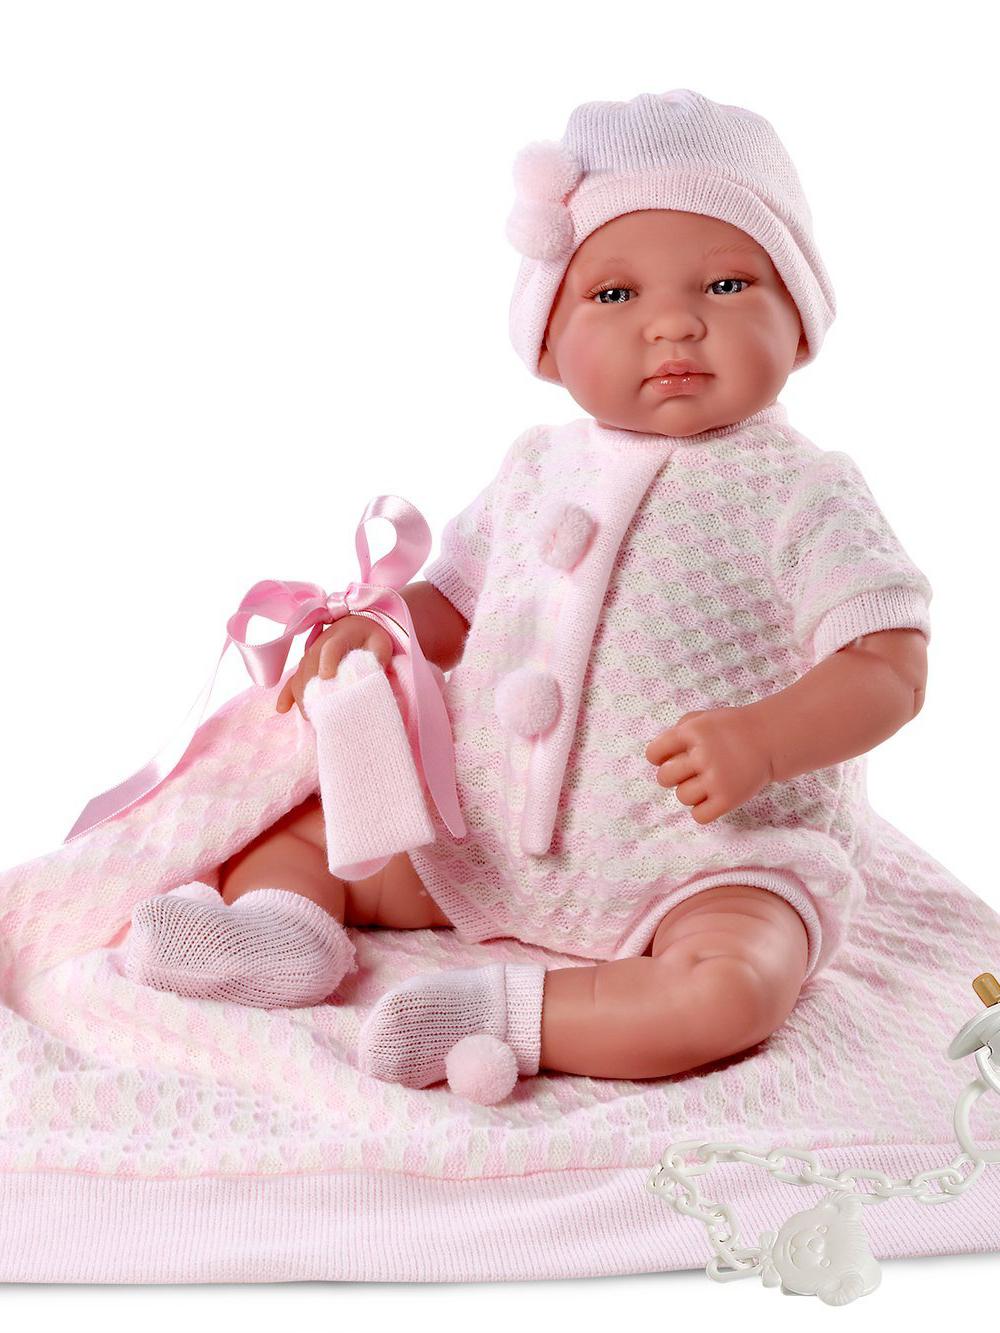 Кукла младенец в розовой шапочке, 43 см., с одеяломИспанские куклы Llorens Juan, S.L.<br>Кукла младенец в розовой шапочке, 43 см., с одеялом<br>